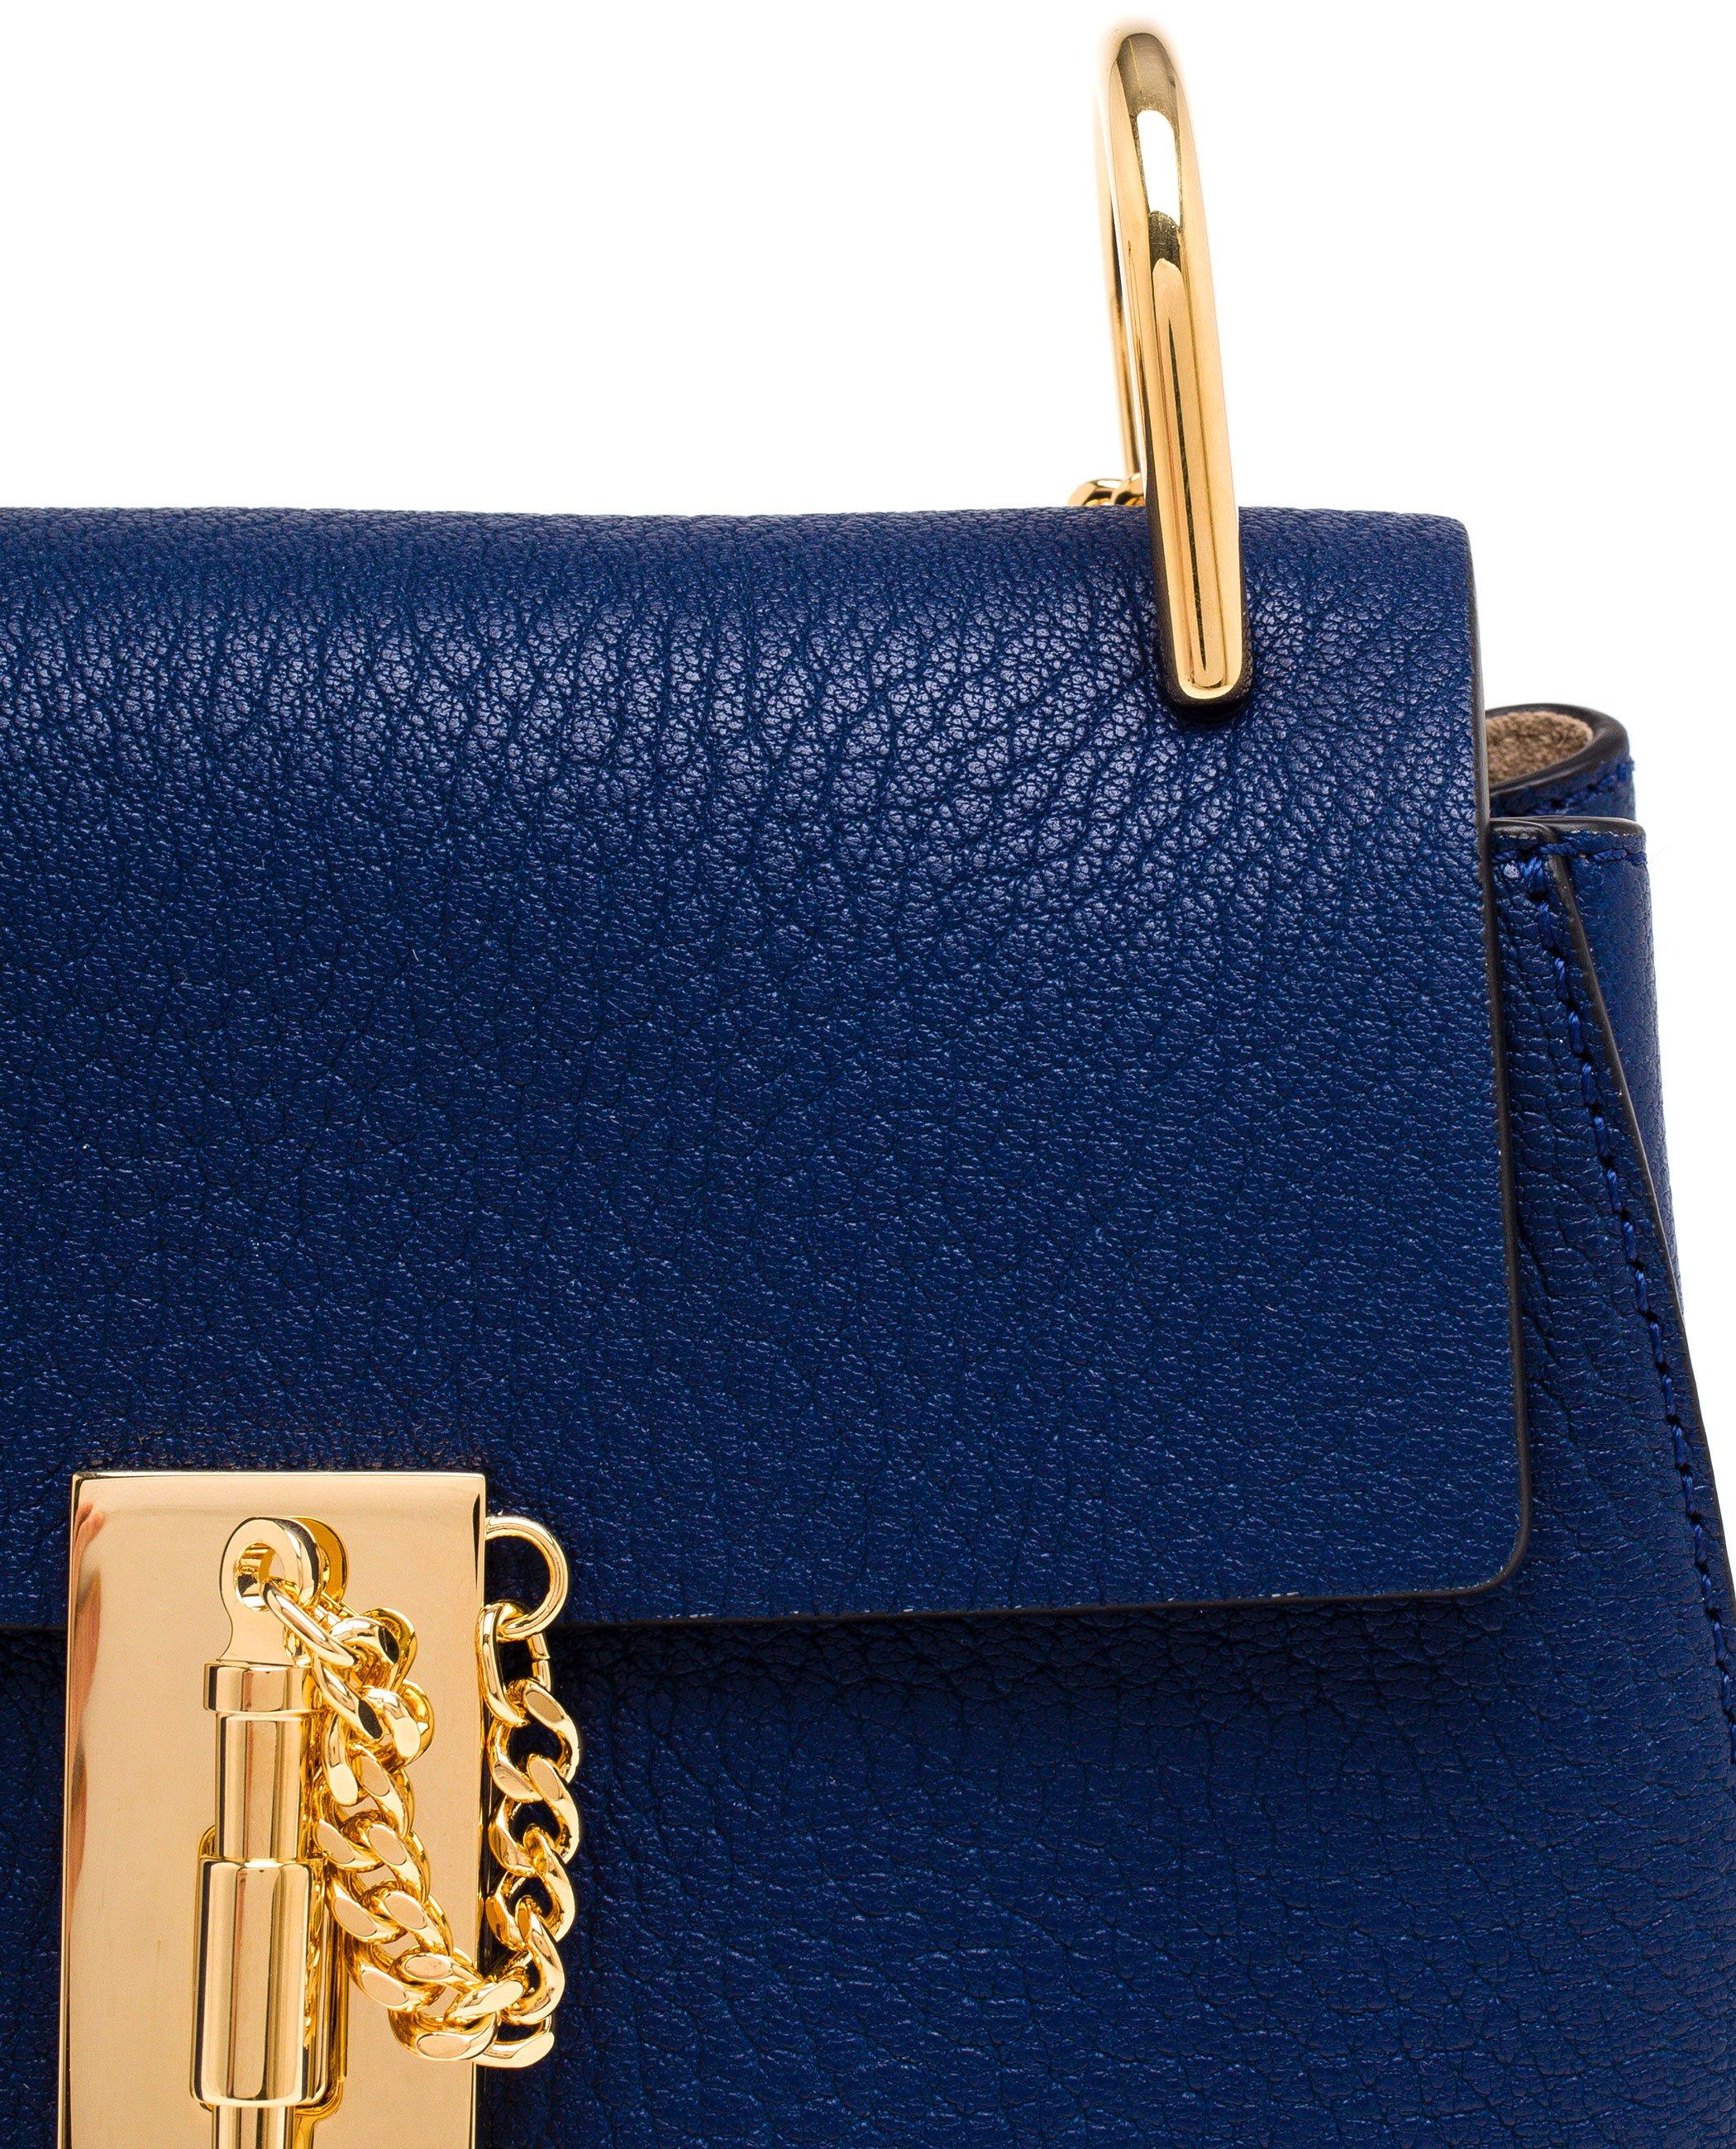 chloe marcie bag knockoff - chloe grained leather tote, chloe buy online